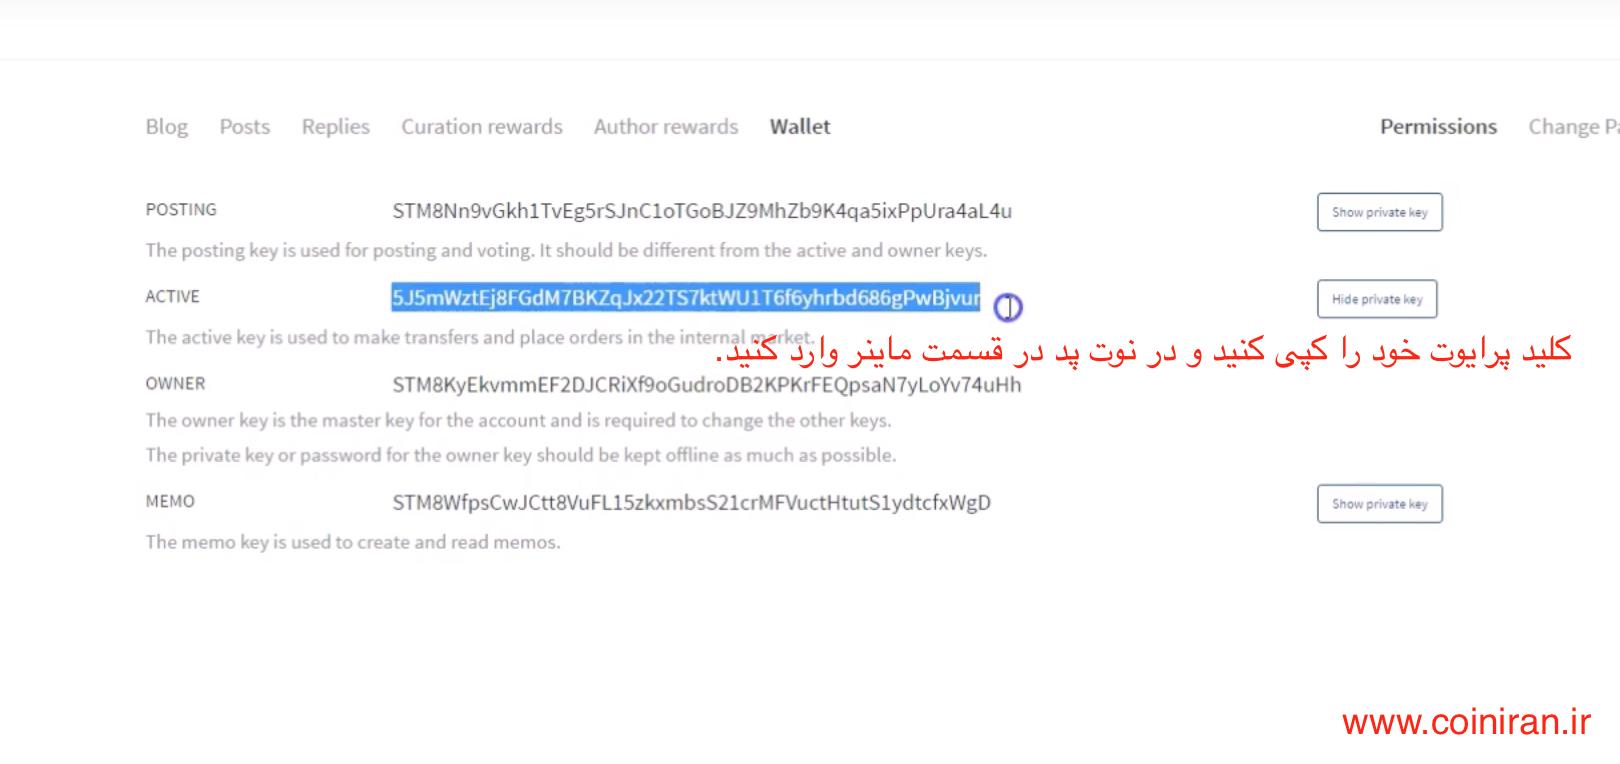 بعد از وارد کردن پسورد خود, بر روی گزینه  show private key کلیلک کنید تا کلید خصوصی شما نمایش داده شود. آنرا کپی کنید و در نت پد در قسمت مربوط به ماینر وارد کنید. مانند عکس Screen Shot 2016-08-24 at 01.42.03